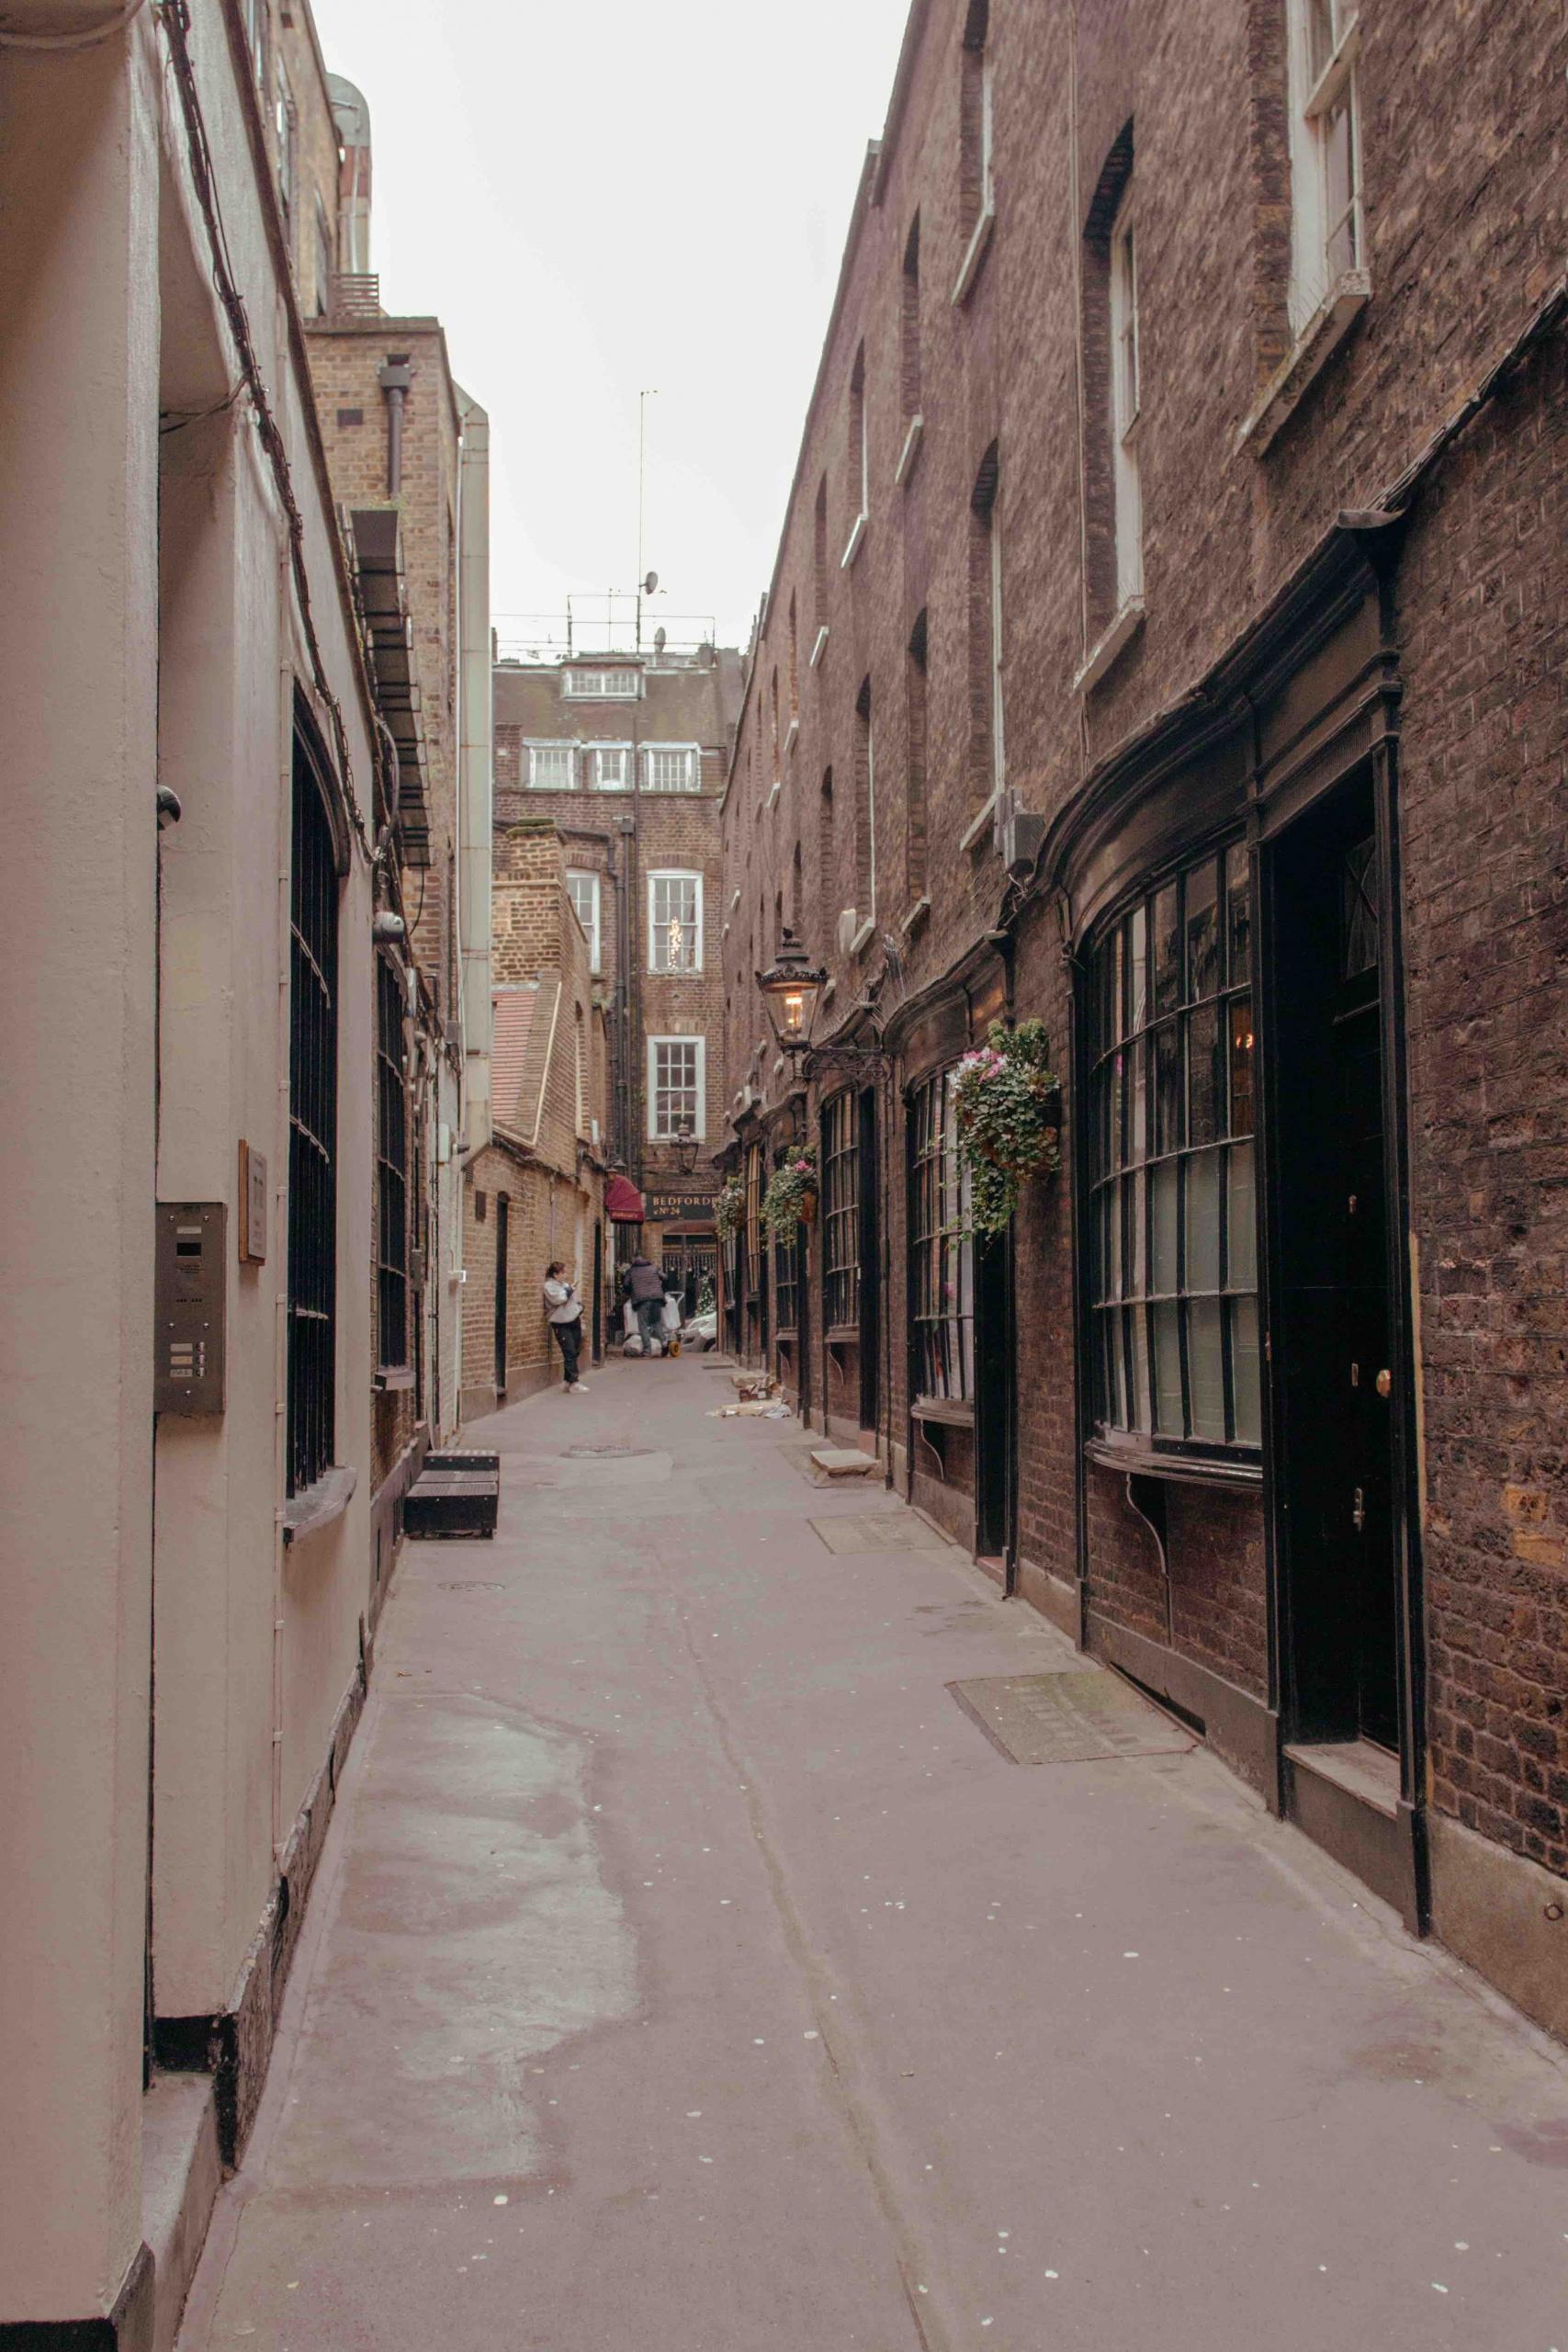 luoghi poco conosciuti di Londra: via nascosta a Londra